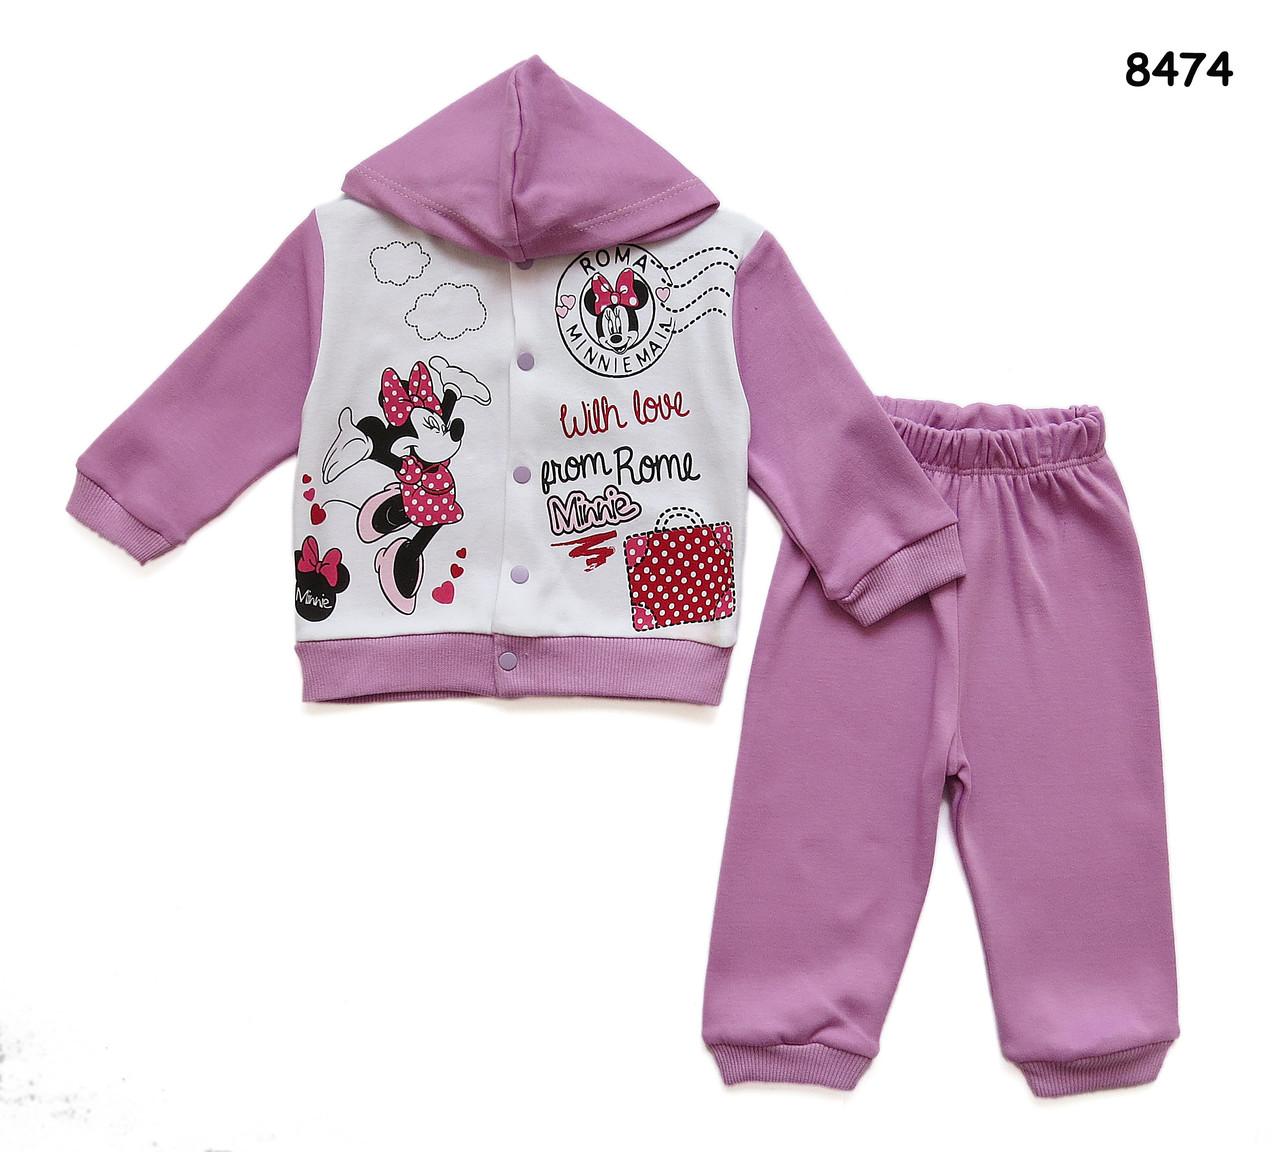 детская одежда от 1 года фото